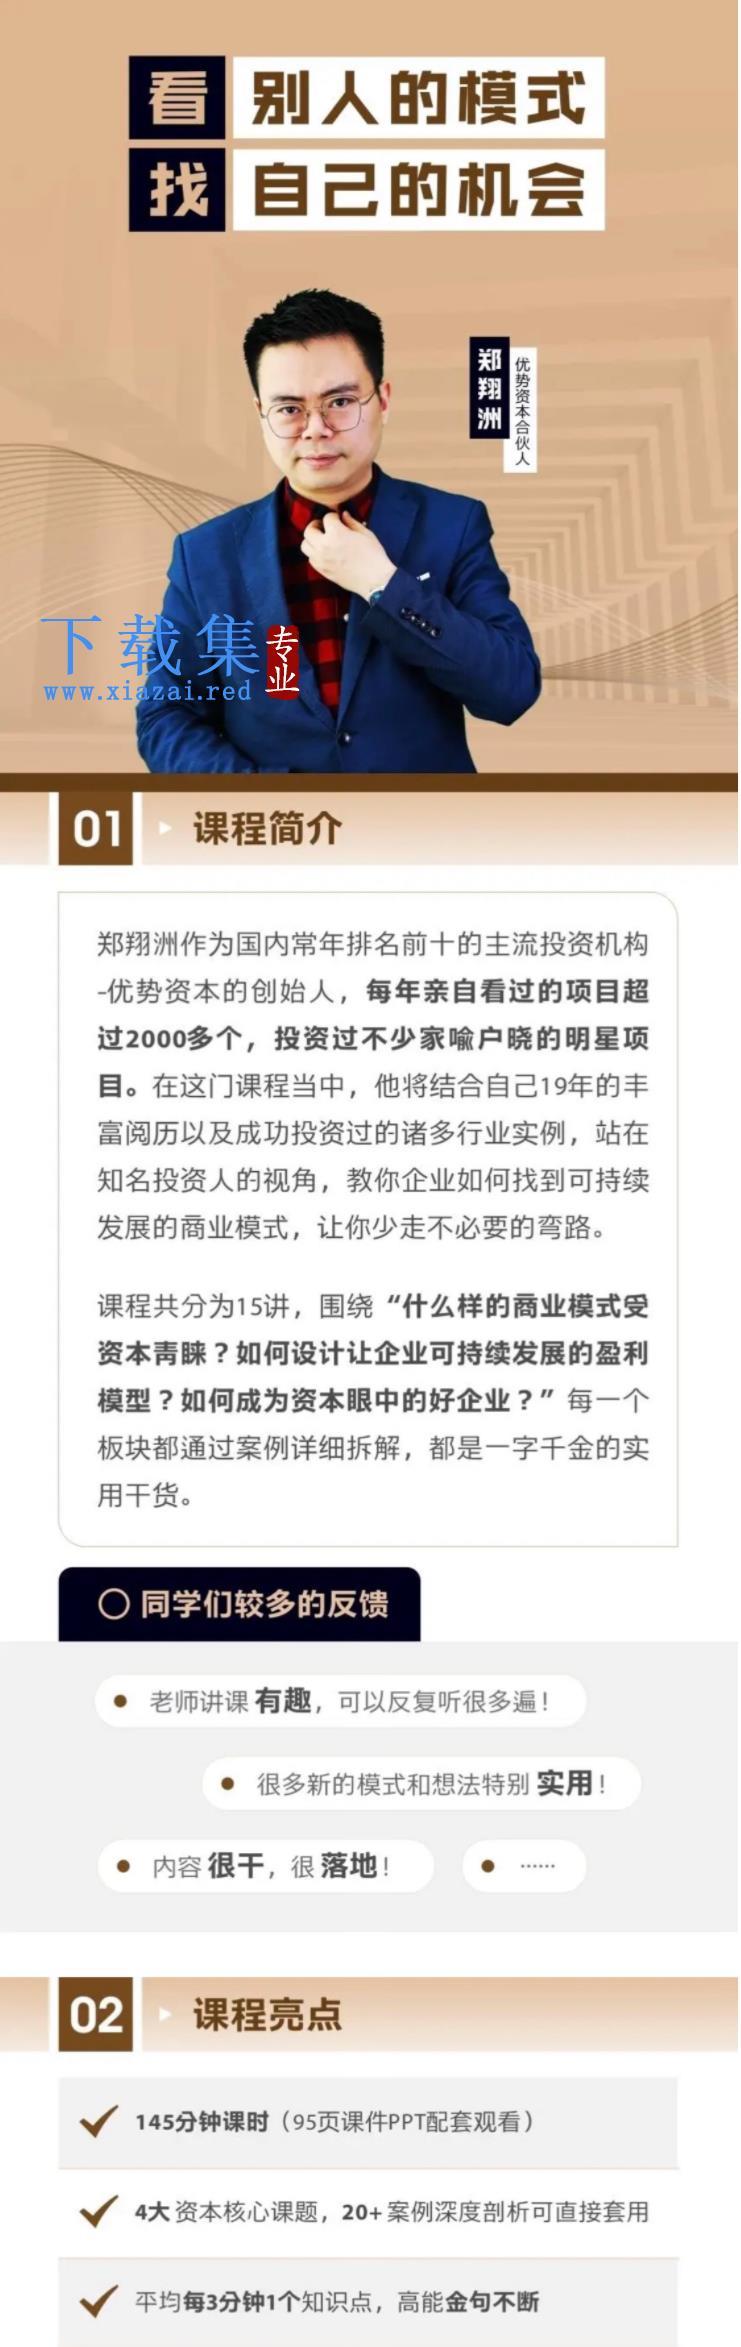 郑翔洲 商业模式+资本运营,看别人的模式寻找自己机会  第1张